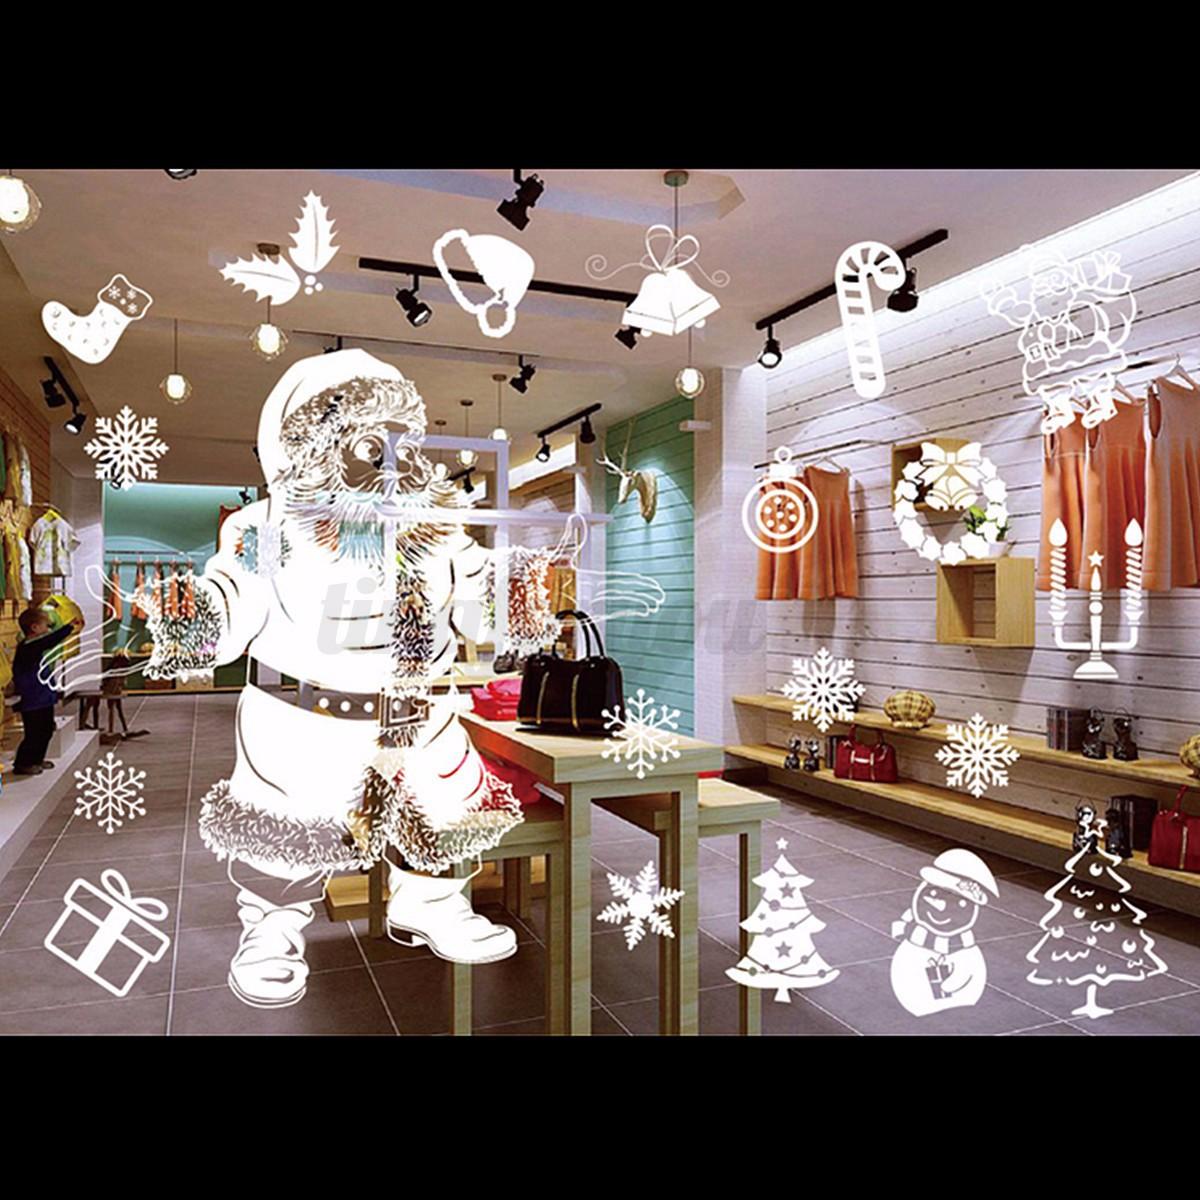 #956236 Blanc Père Noël Amovible Art Fenêtre À Faire Soi Même  6301 decoration fenetre noel a faire soi meme 1200x1200 px @ aertt.com